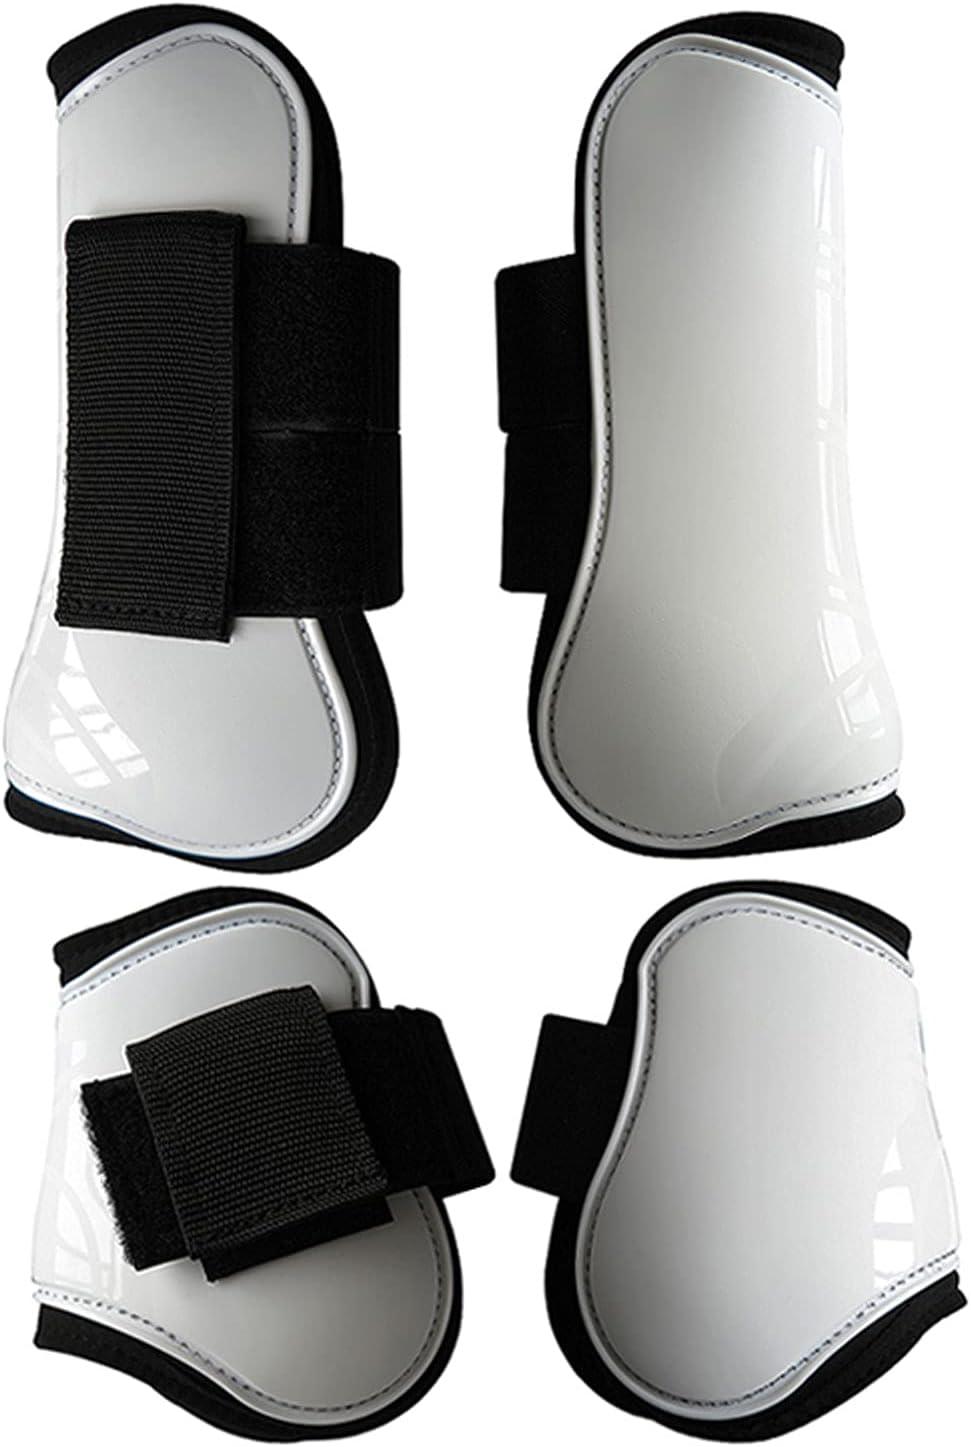 ARbuliry 4 en 1 Botas de Caballo, Elasticidad de la Bota de la Pierna del Caballo de Espesor para los Viajes de Salto de formación Anti-Choque Frente Botas de la Pierna Trasera (Blanco M)